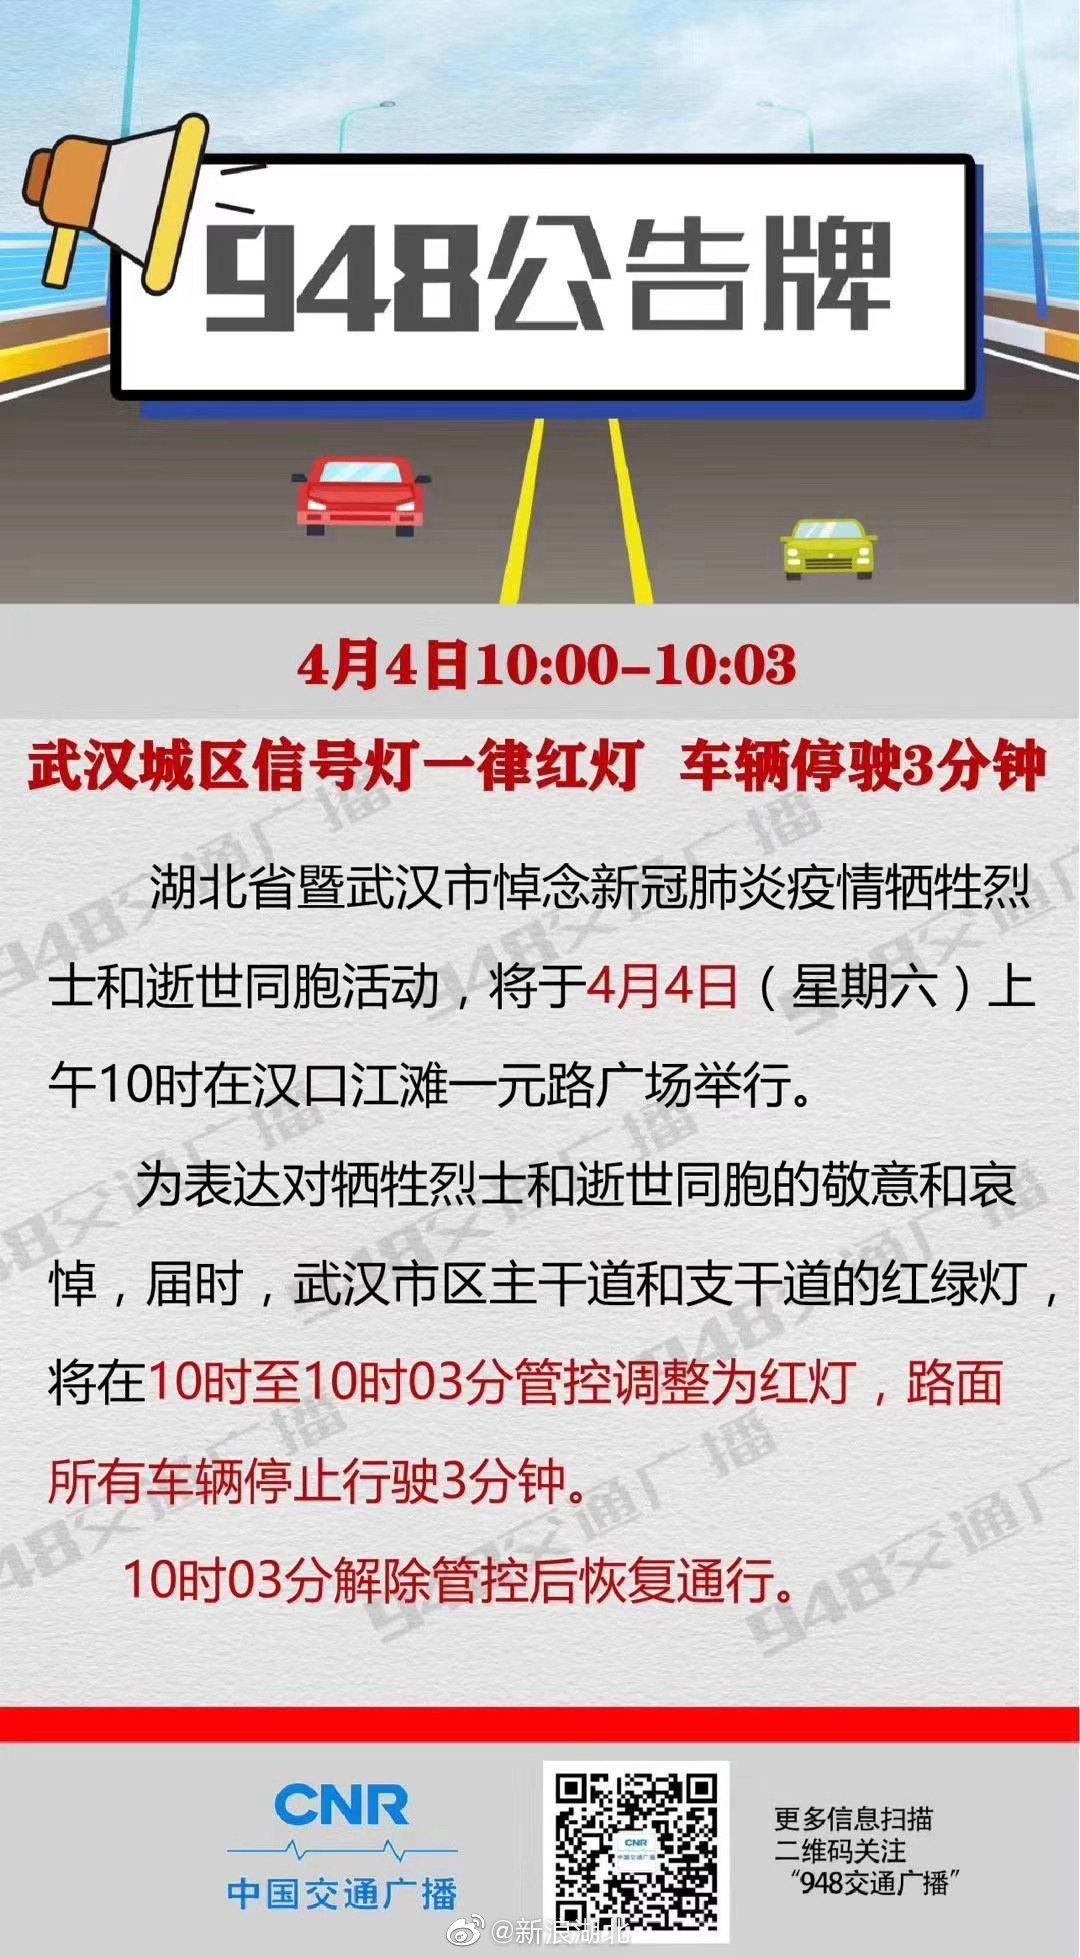 明天10:00-10:03 武汉城区信号灯一律红灯 车辆停驶3分钟